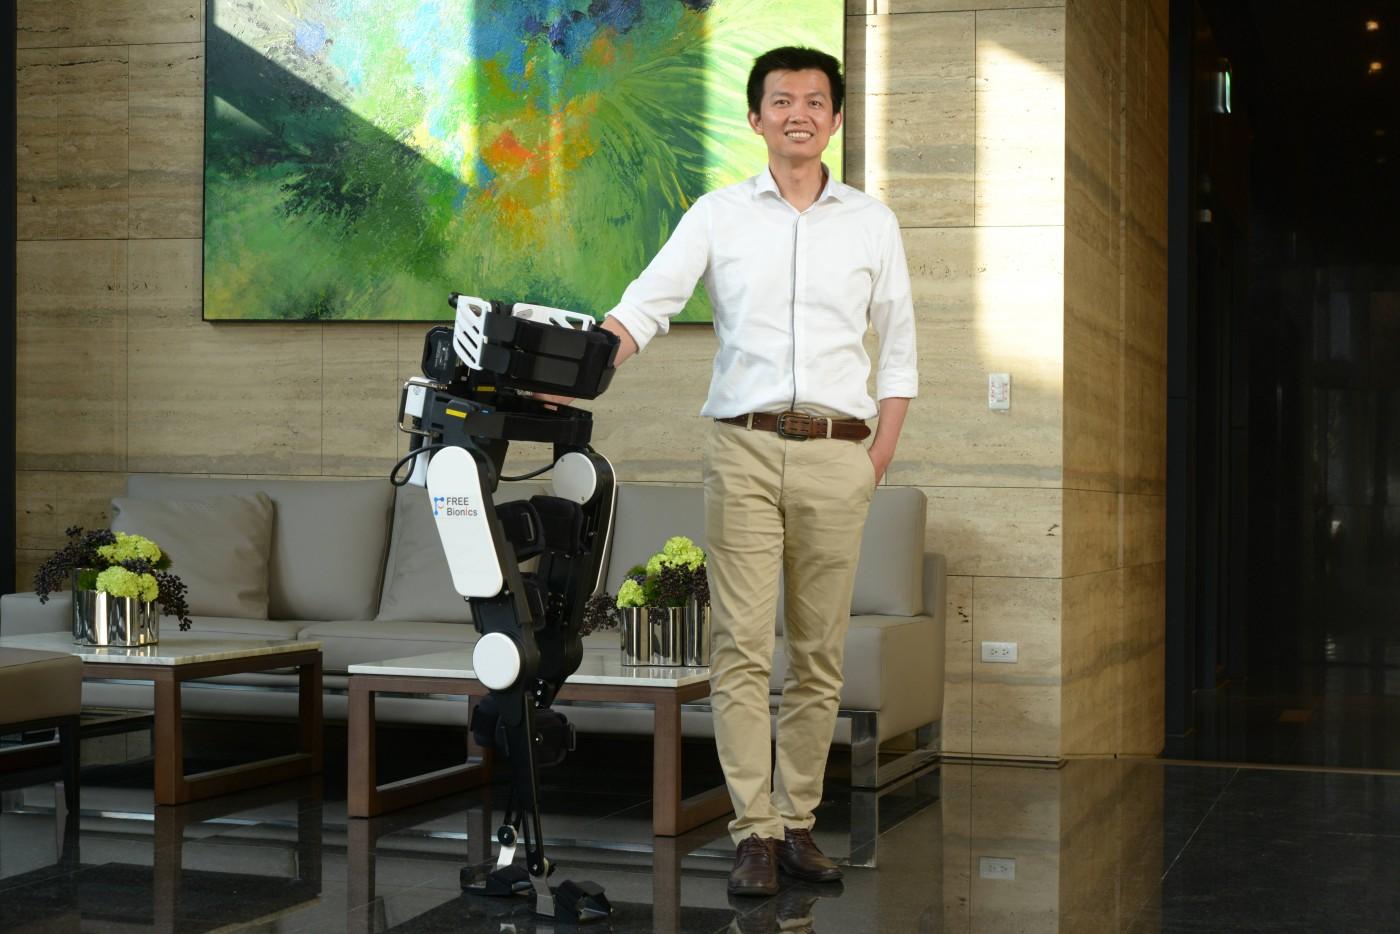 助傷友站立、復健!要價百萬元的仿生機器人,福寶科技推到府租賃